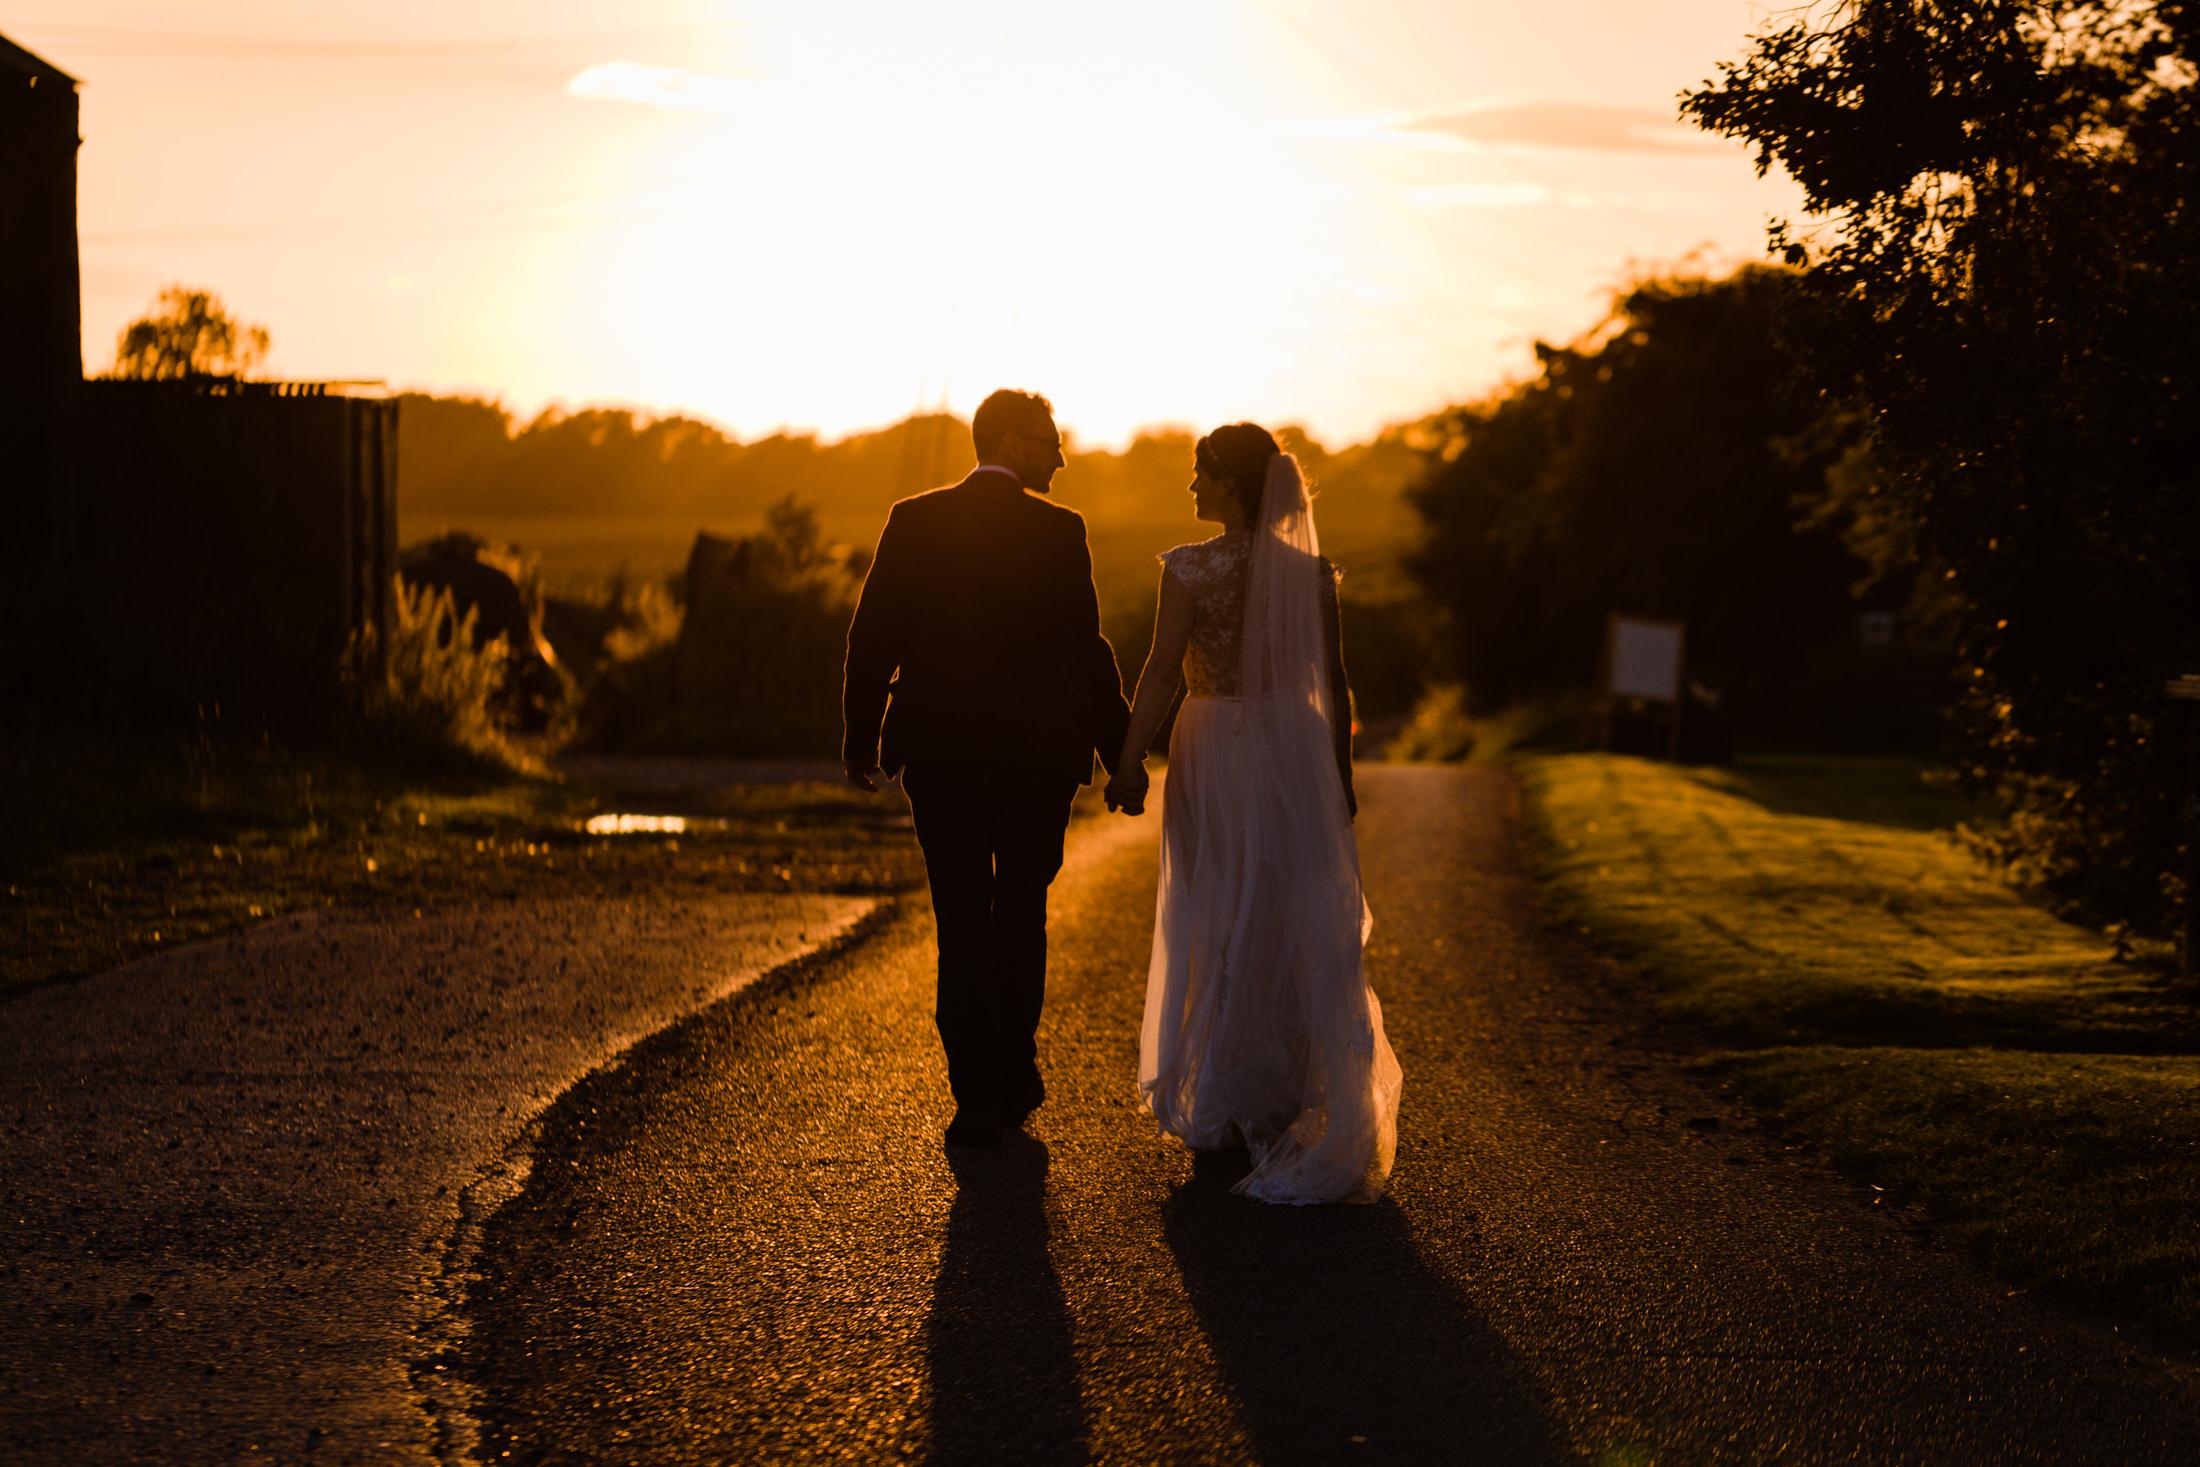 Chad-M-Brown-Brisbane-Wedding-Photographer-018